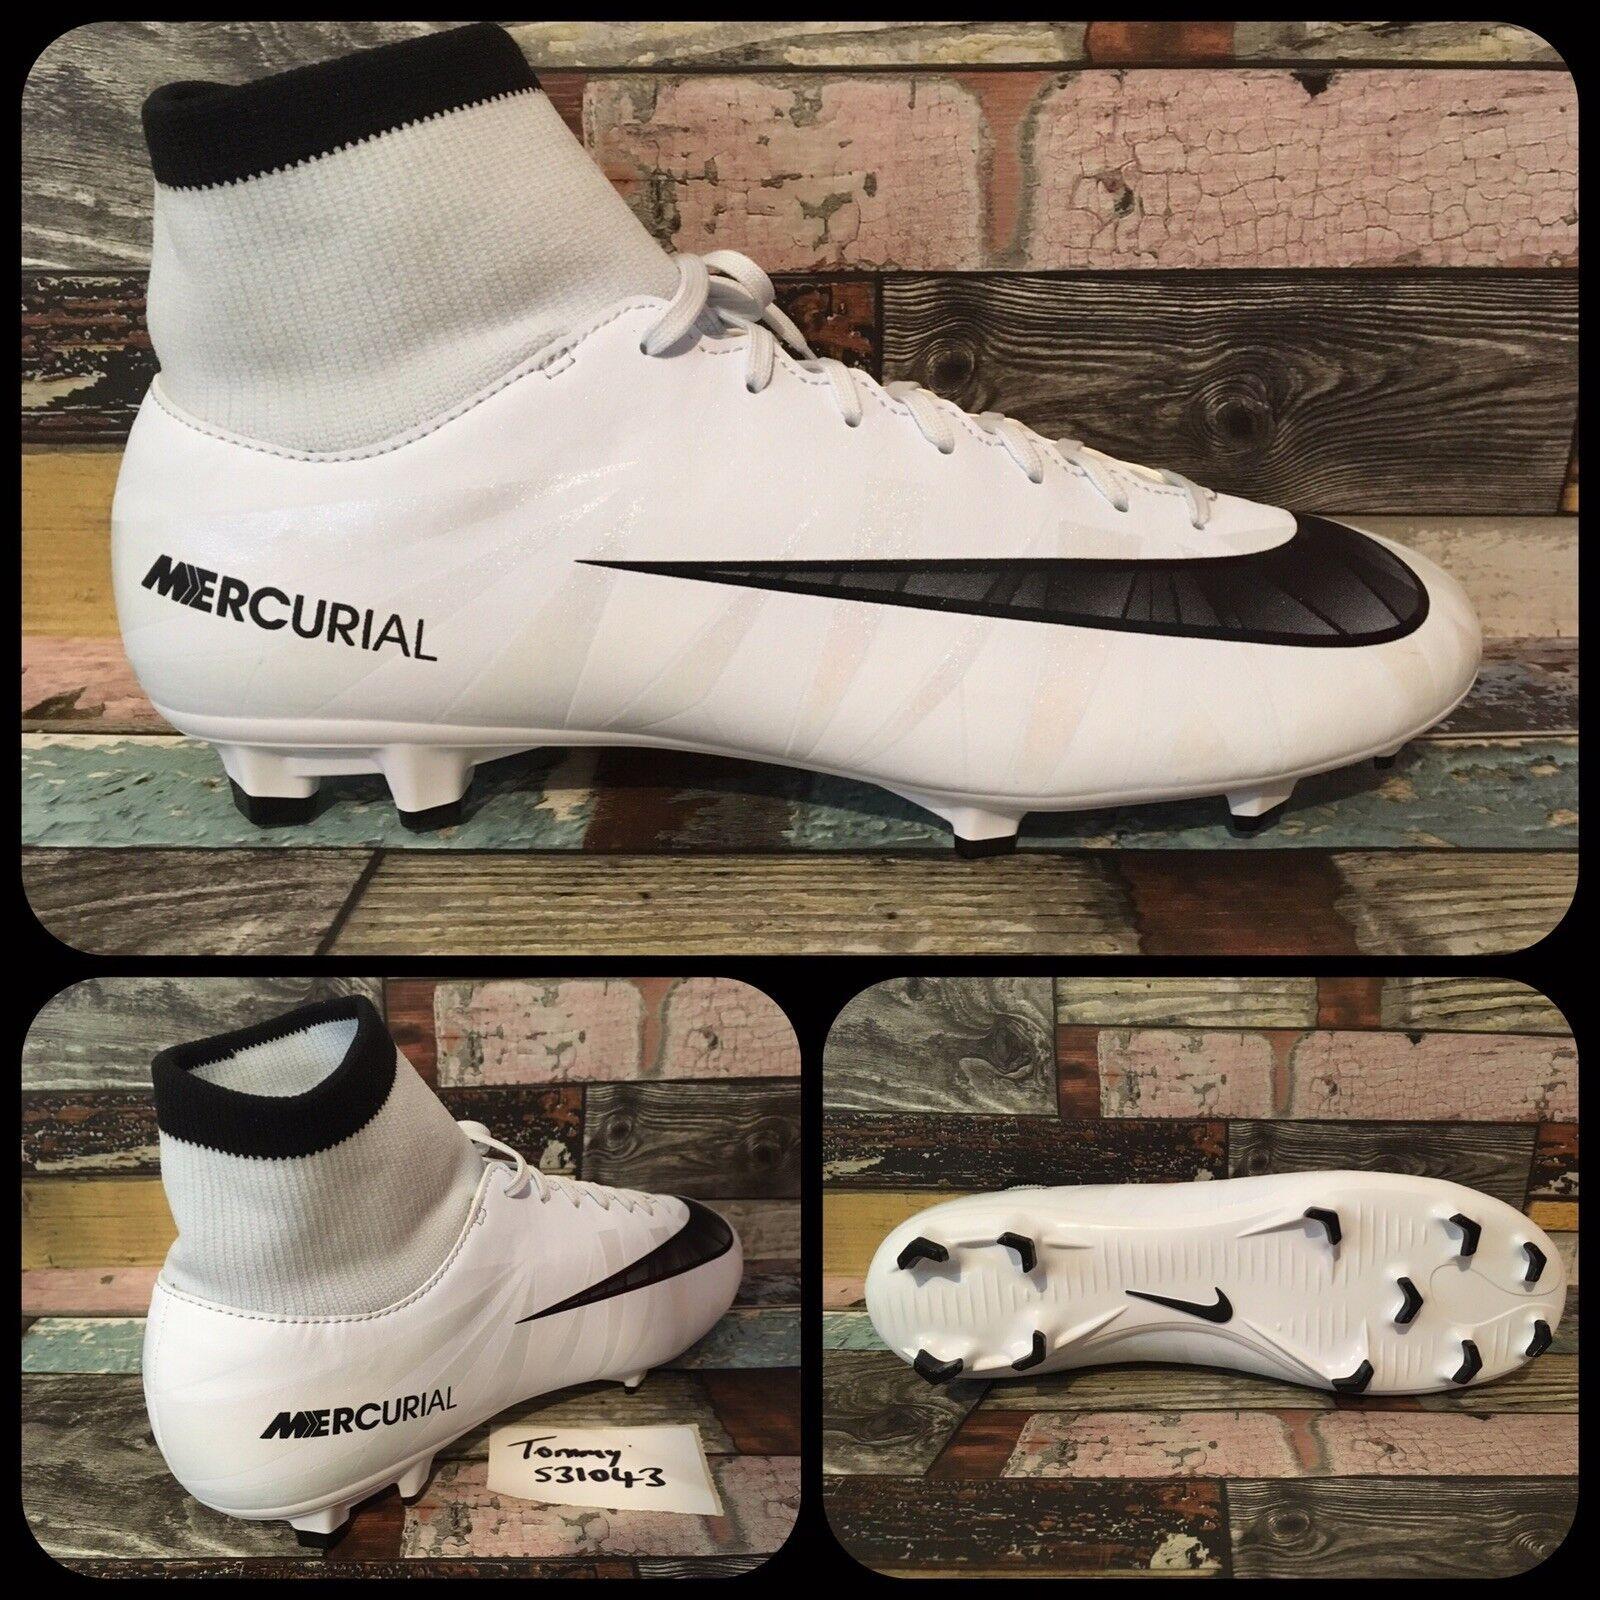 Nike Mercurial Victory VI CR7 DF FG botas de fútbol 7.5 EU 42 US9.5 903605-401